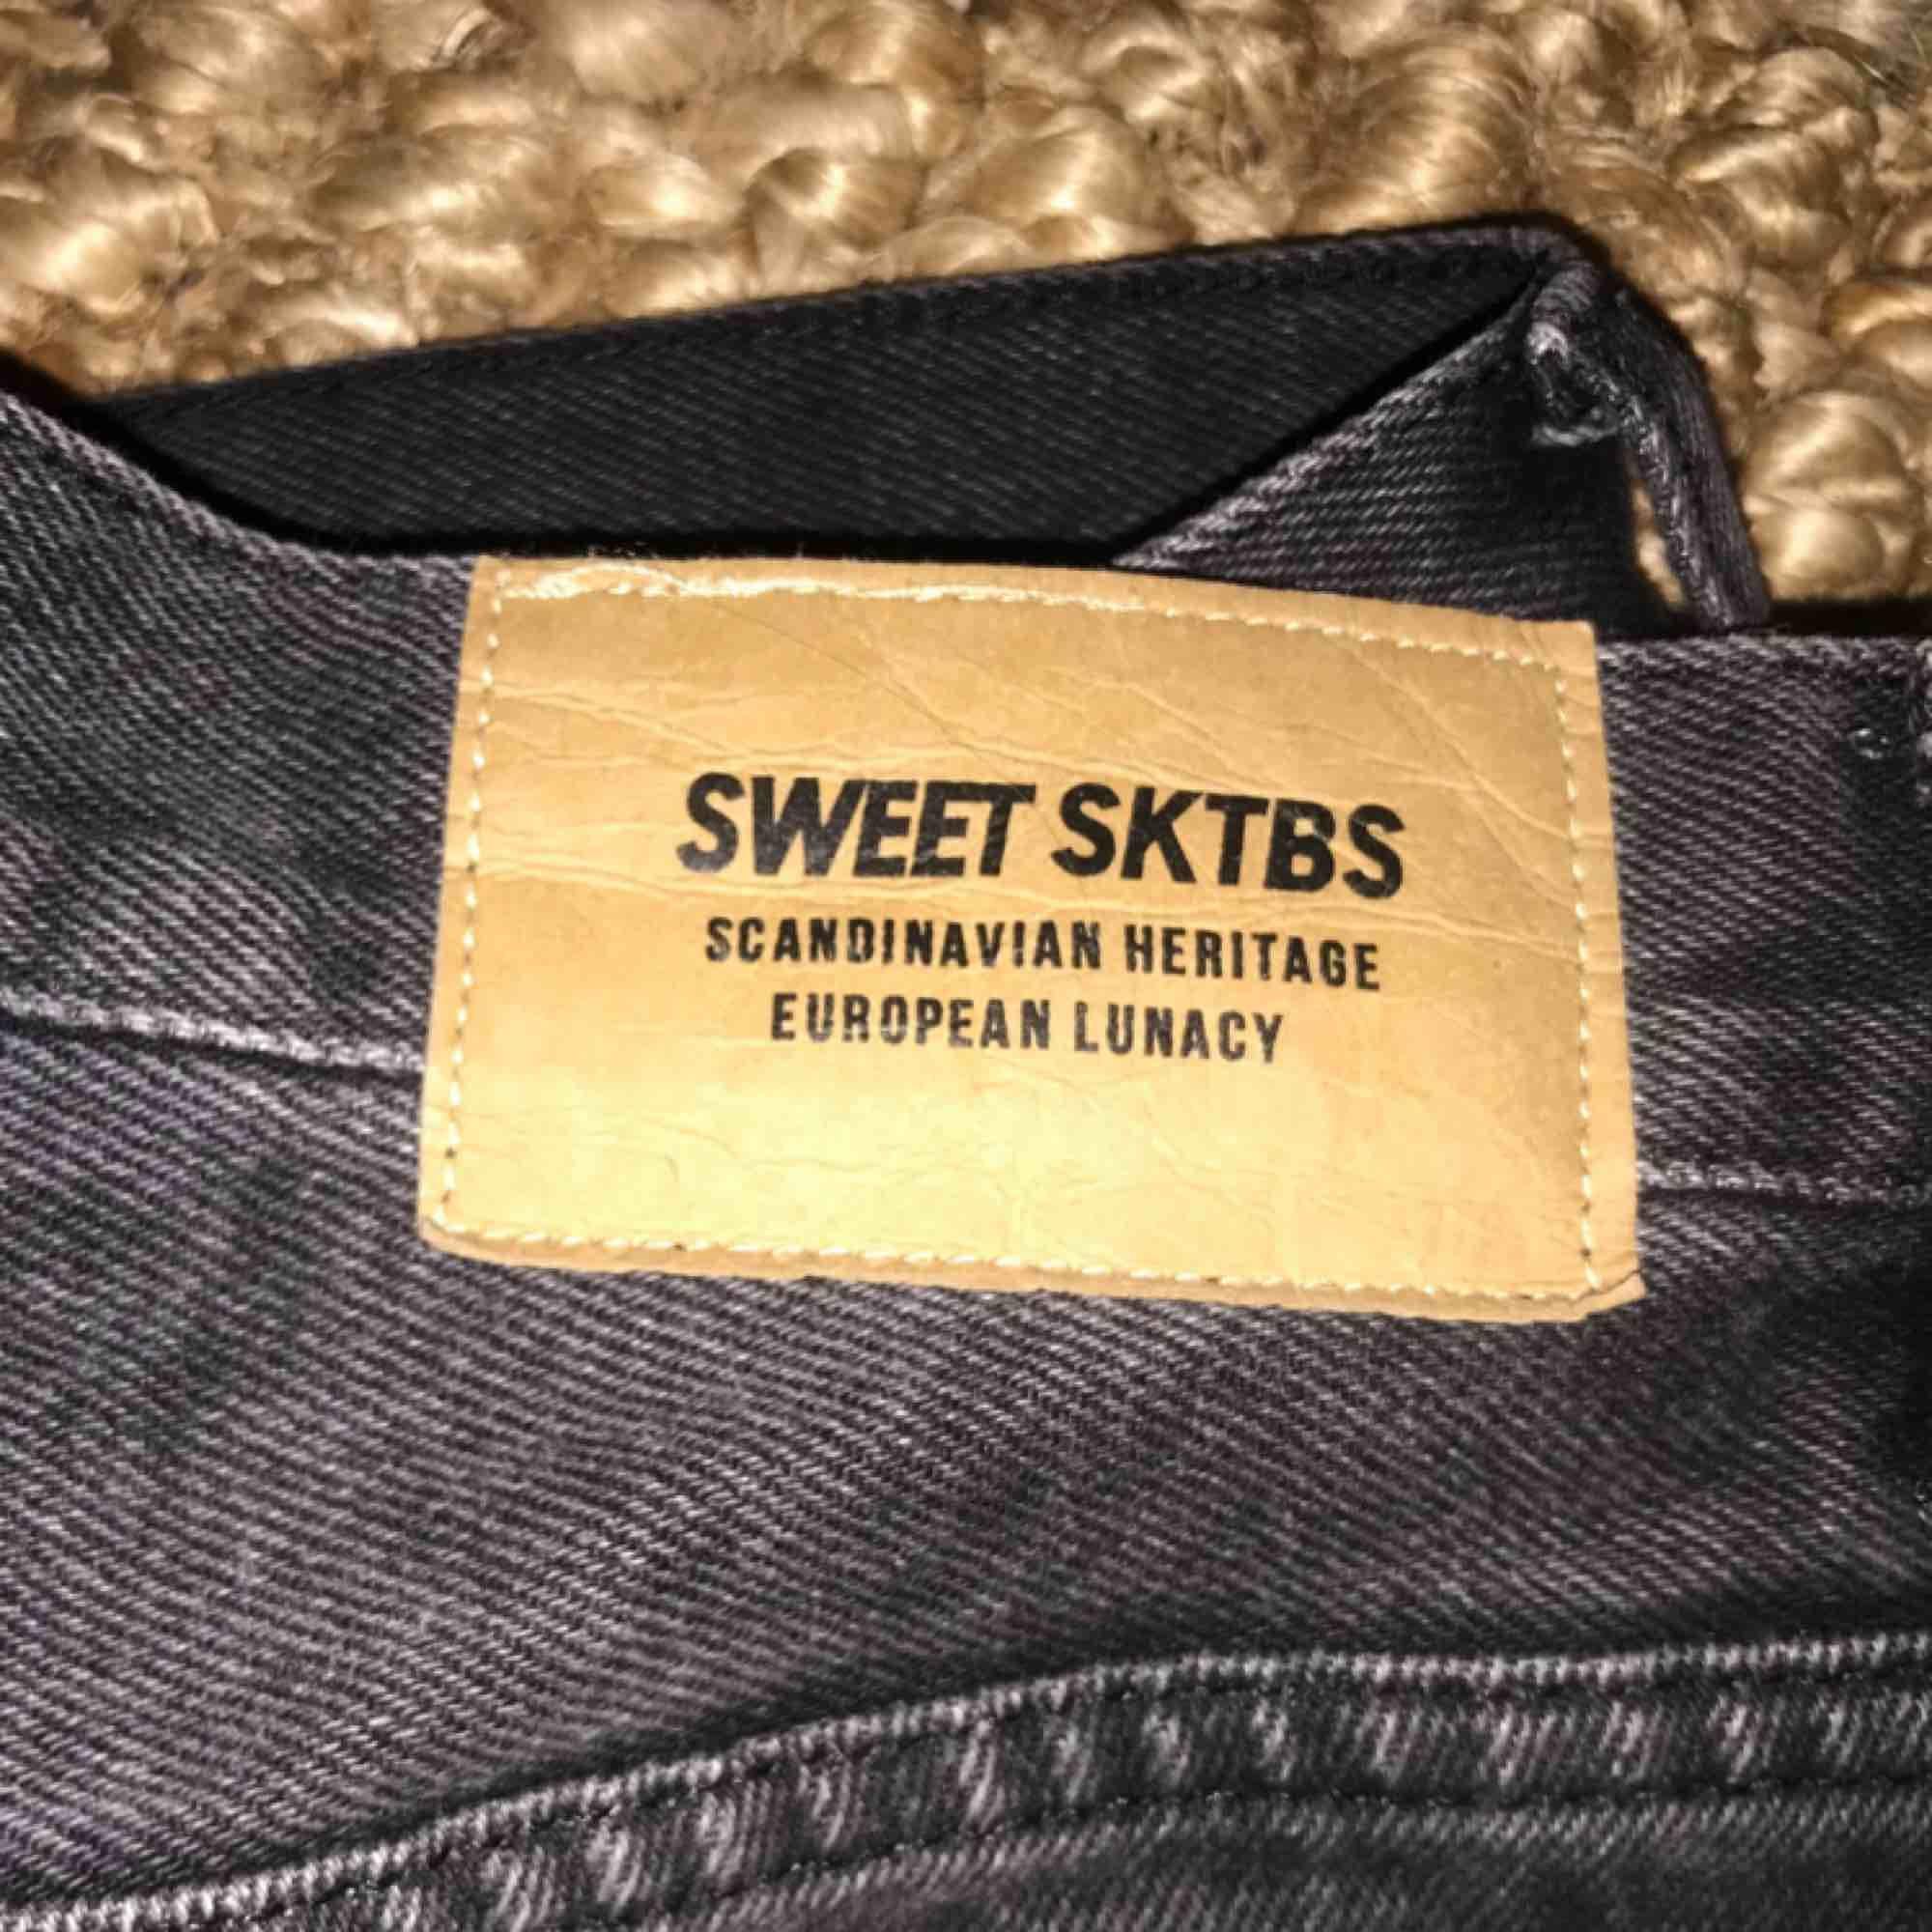 Jeans, SWEET SKTBS, från junkyard. Black washed finish. Femficksmodell. Säljes pga för stora, annars jättefina. Nästan aldrig använda! Frakt ingår i priset. Originalpris 599kr. Jag är 175cm lång.. Jeans & Byxor.